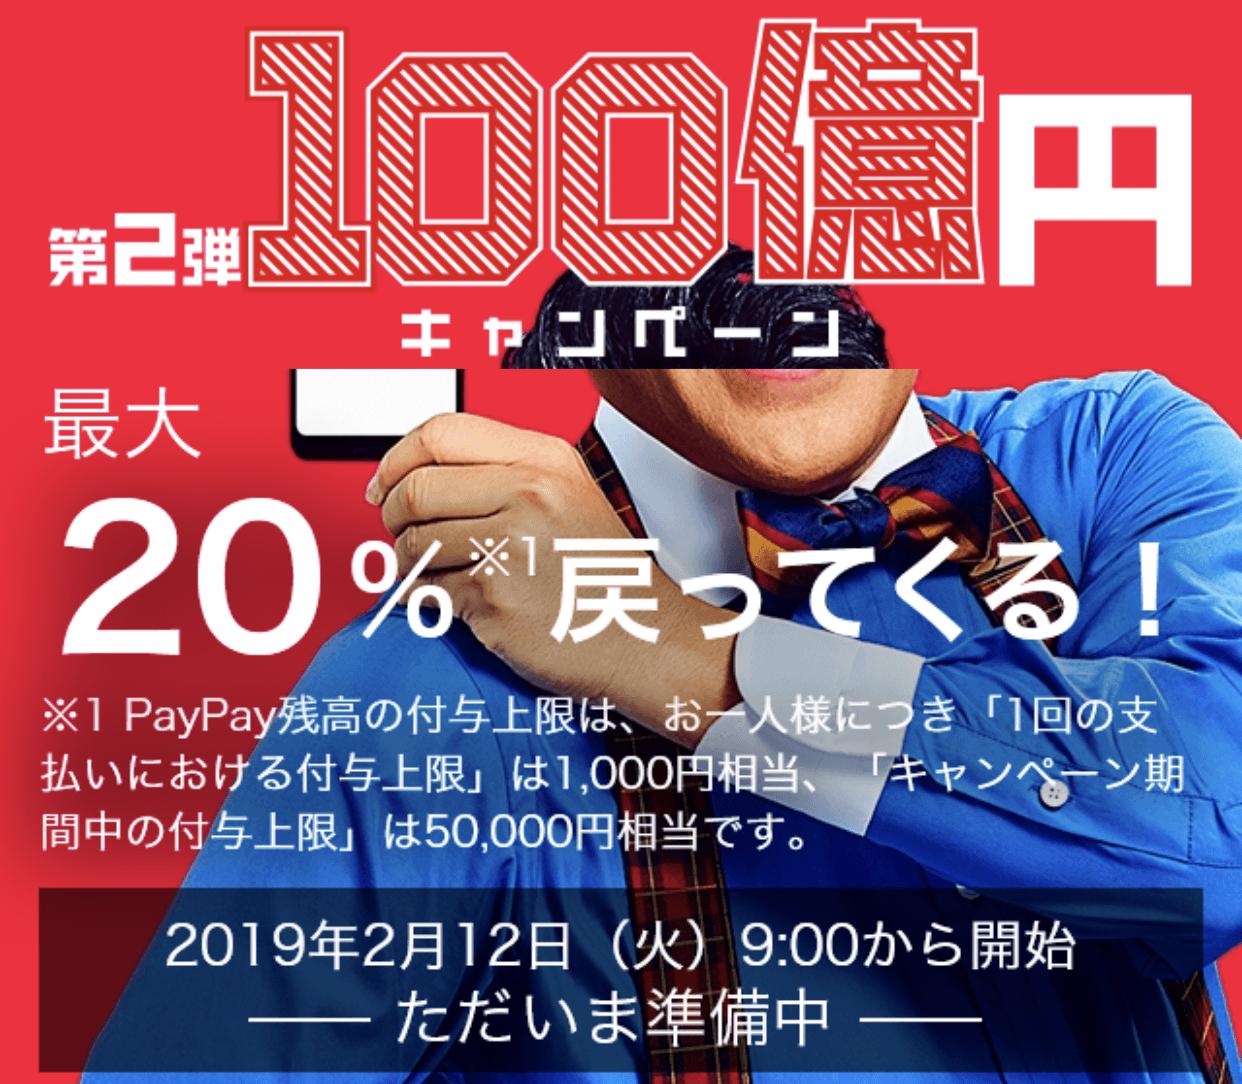 PayPay 100okucamp2 01